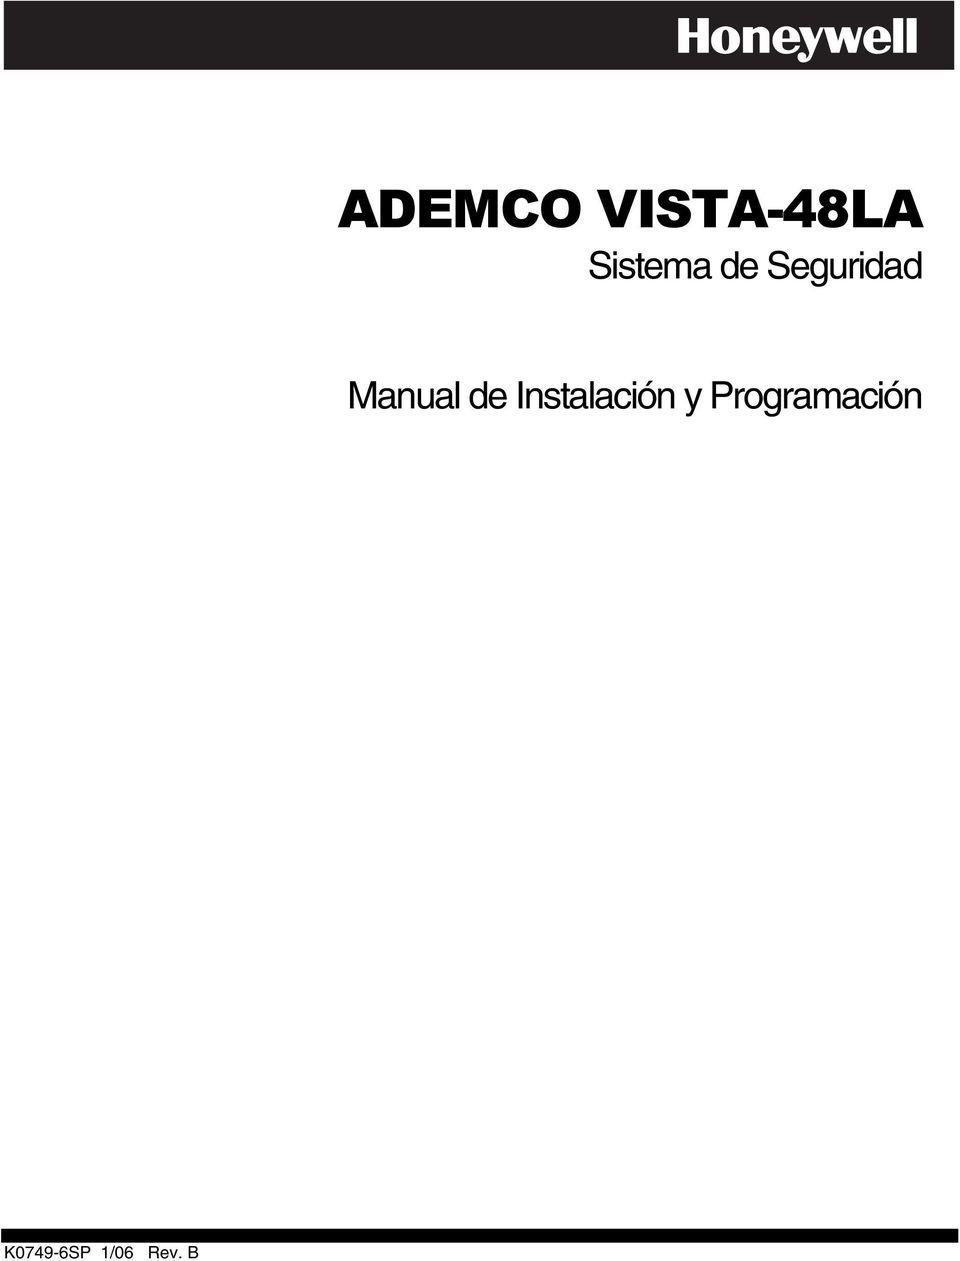 ADEMCO VISTA-48LA. Sistema de Seguridad. Manual de